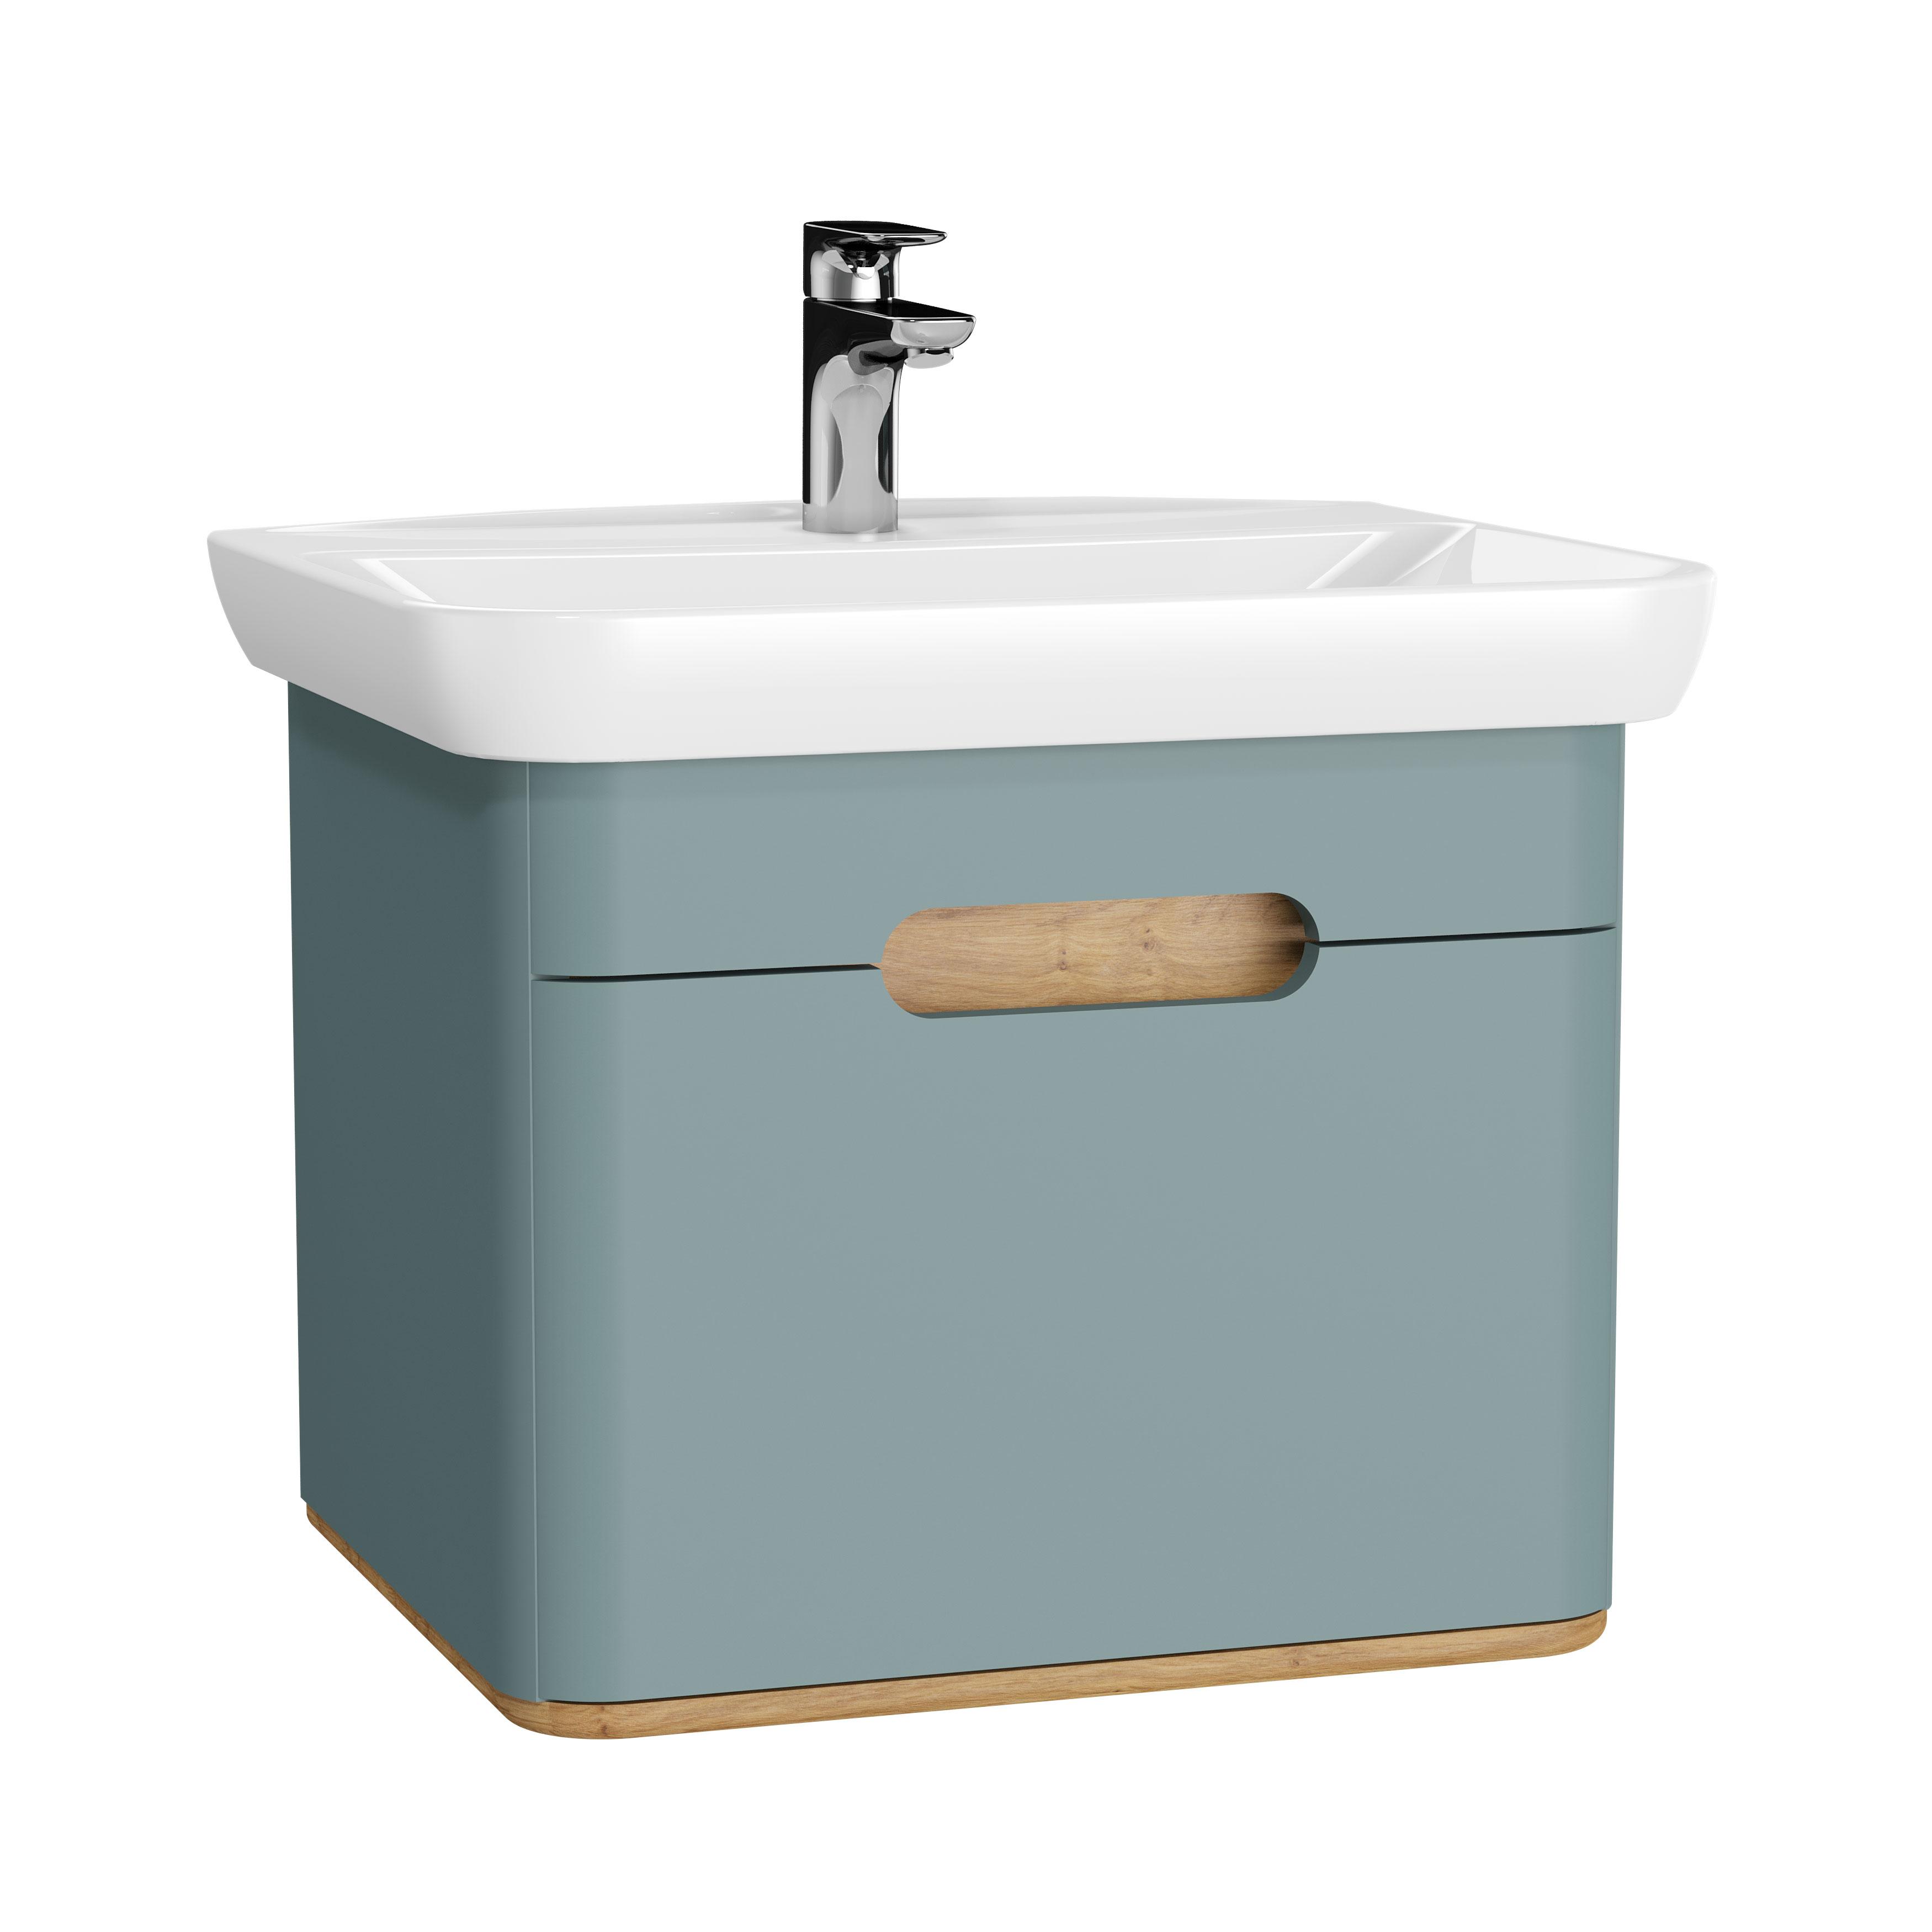 Sento meuble avec plan céramique, 1 tiroir coulissante, 63 cm, vert fjord mat